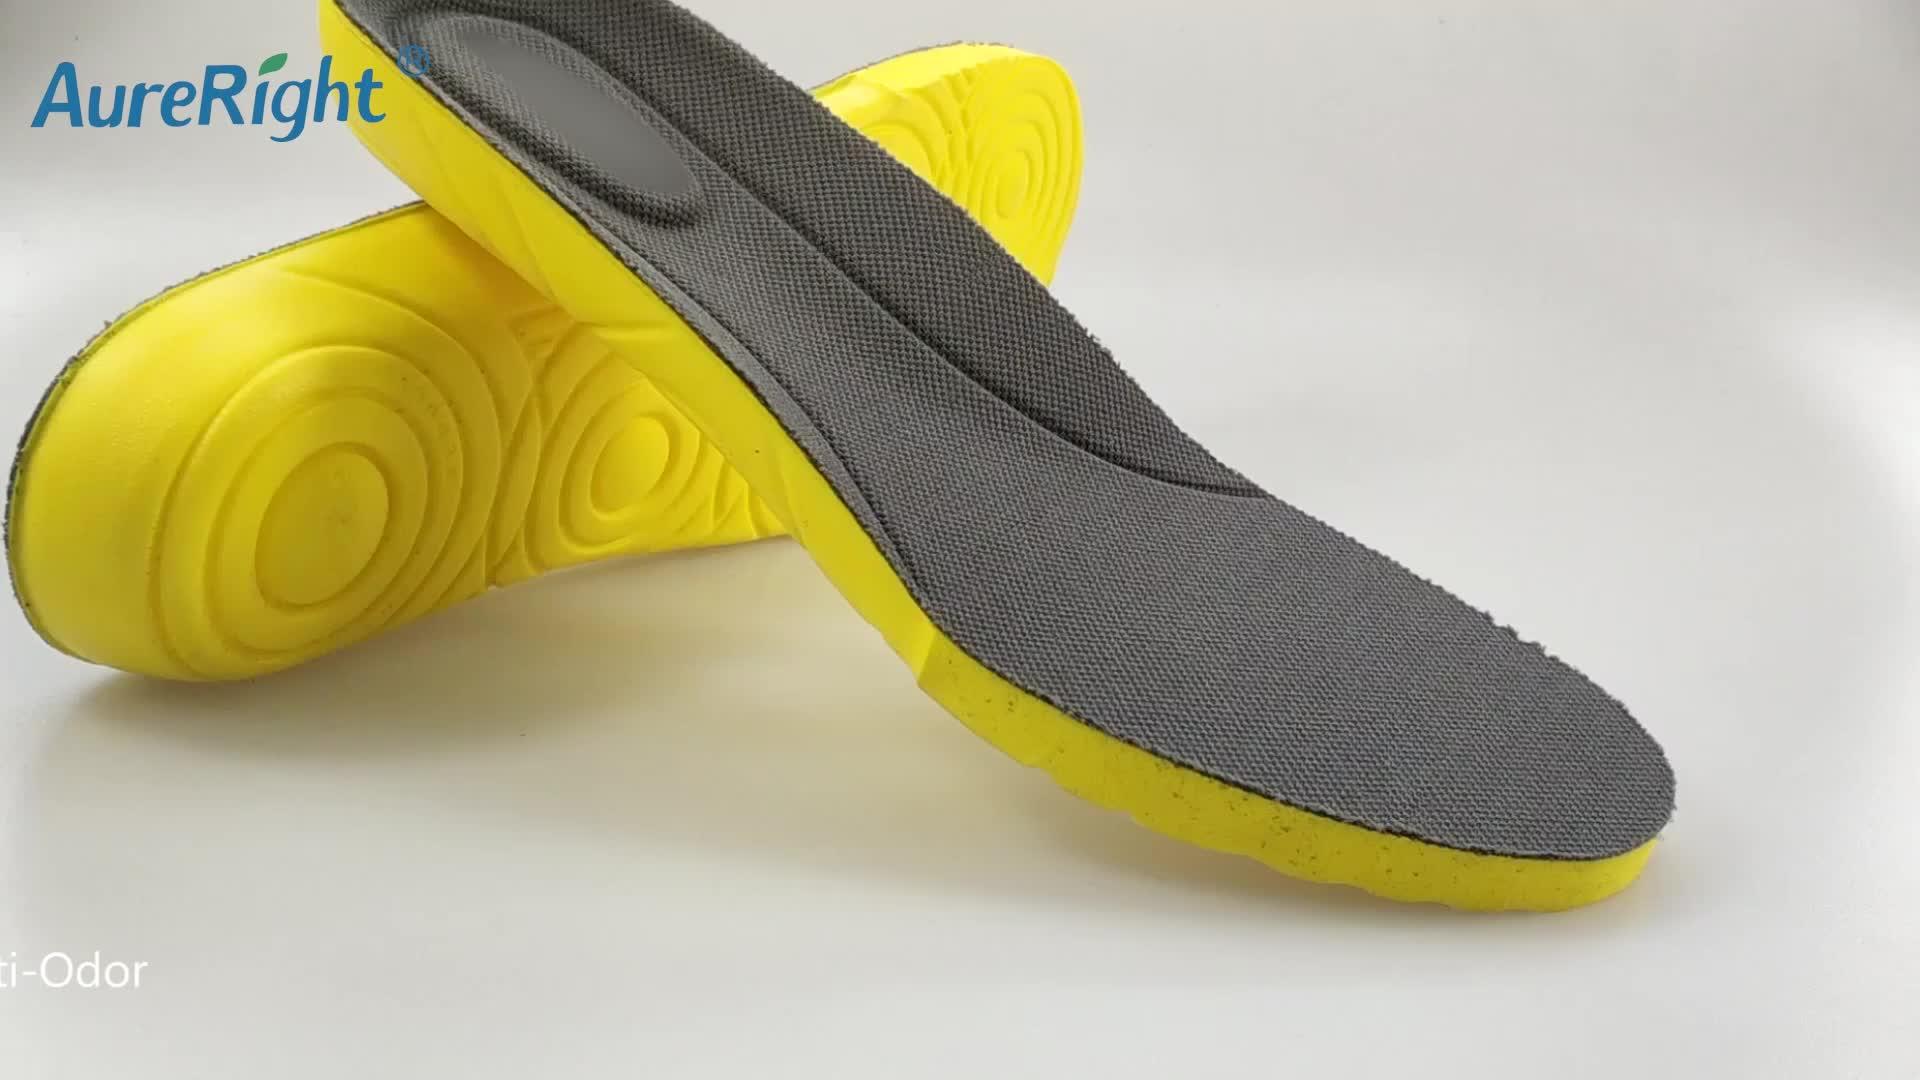 Kustom Dukungan Lengkungan Kaki Olahraga Orthotic Insole untuk Sepatu